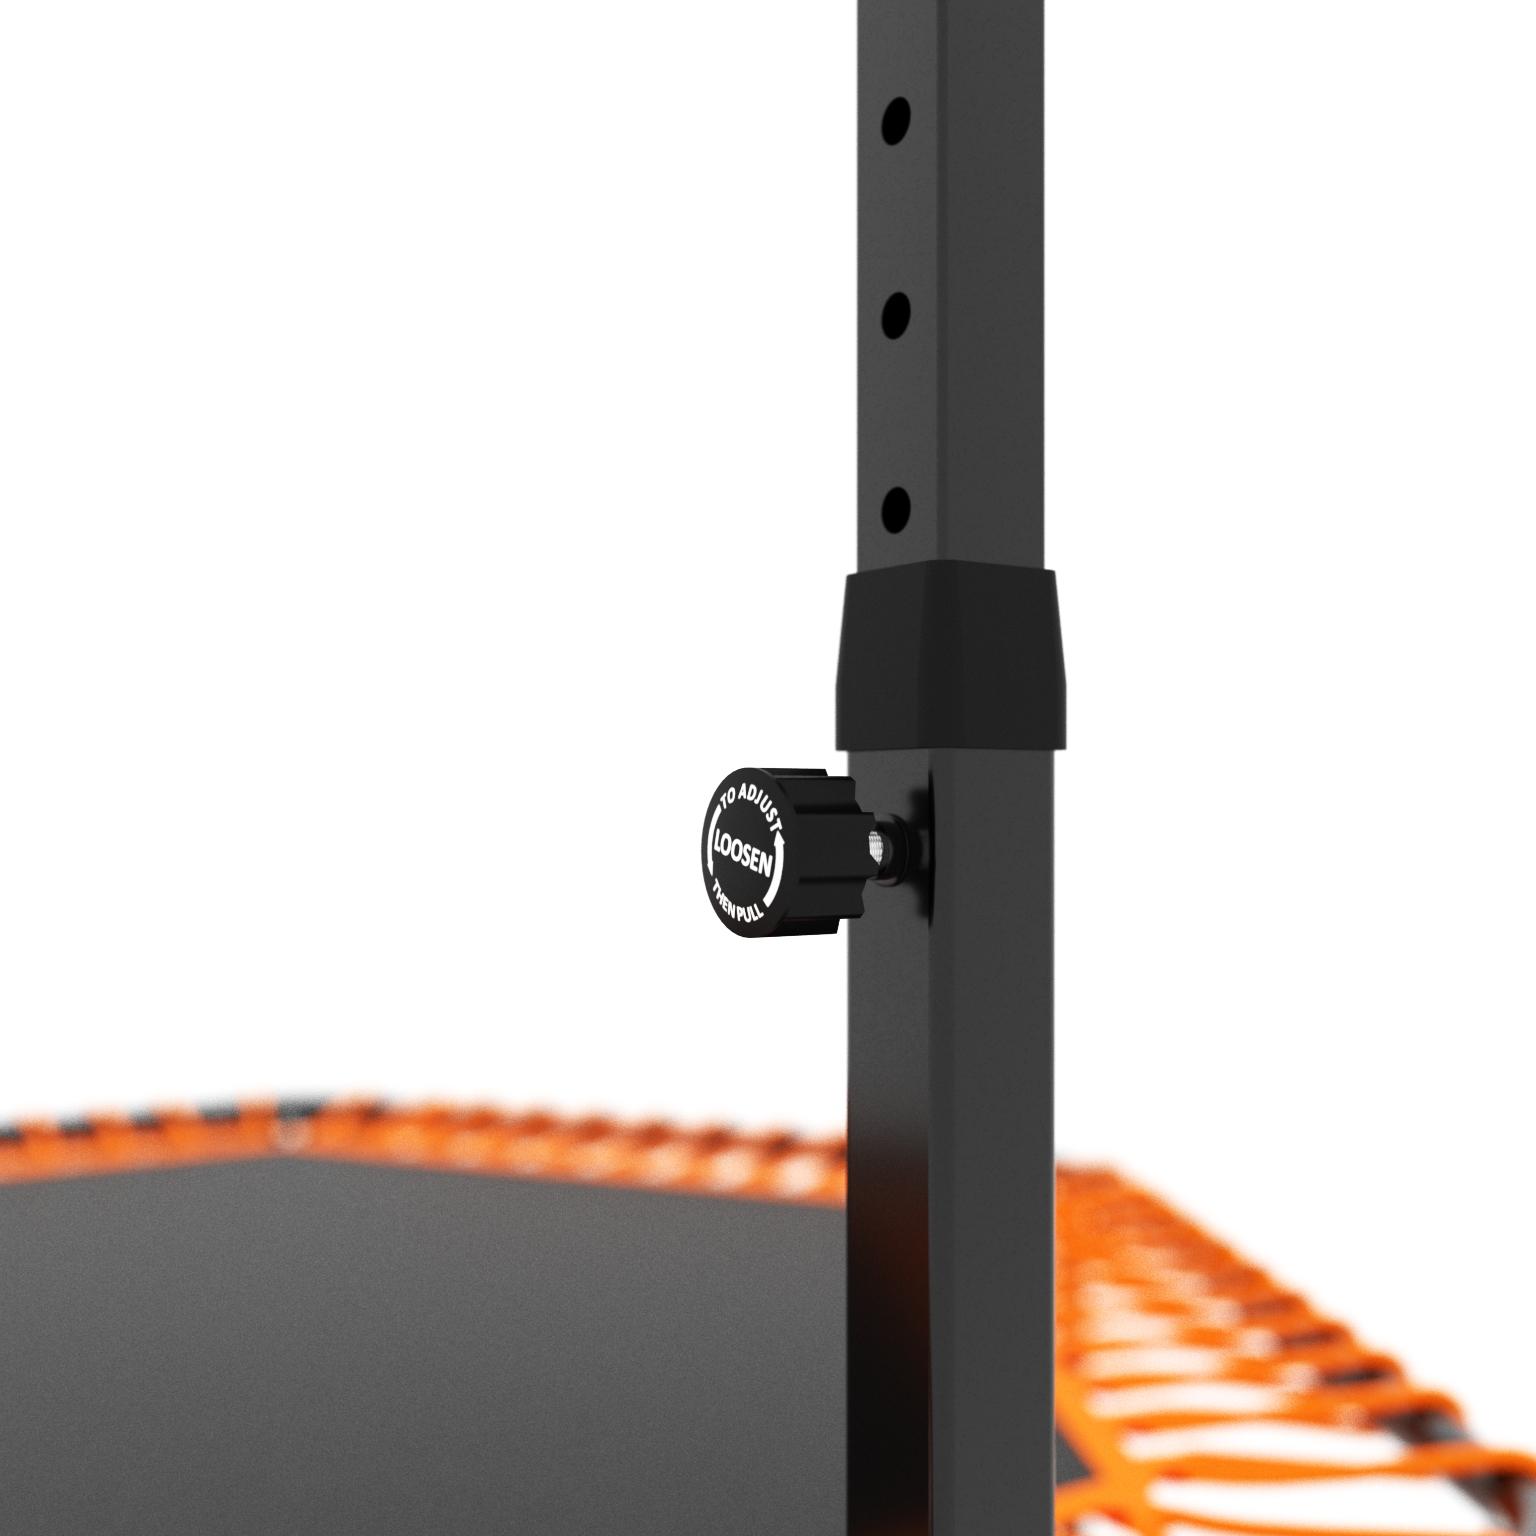 Батут UNIX line 4.3 ft FITNESS (130 cm)